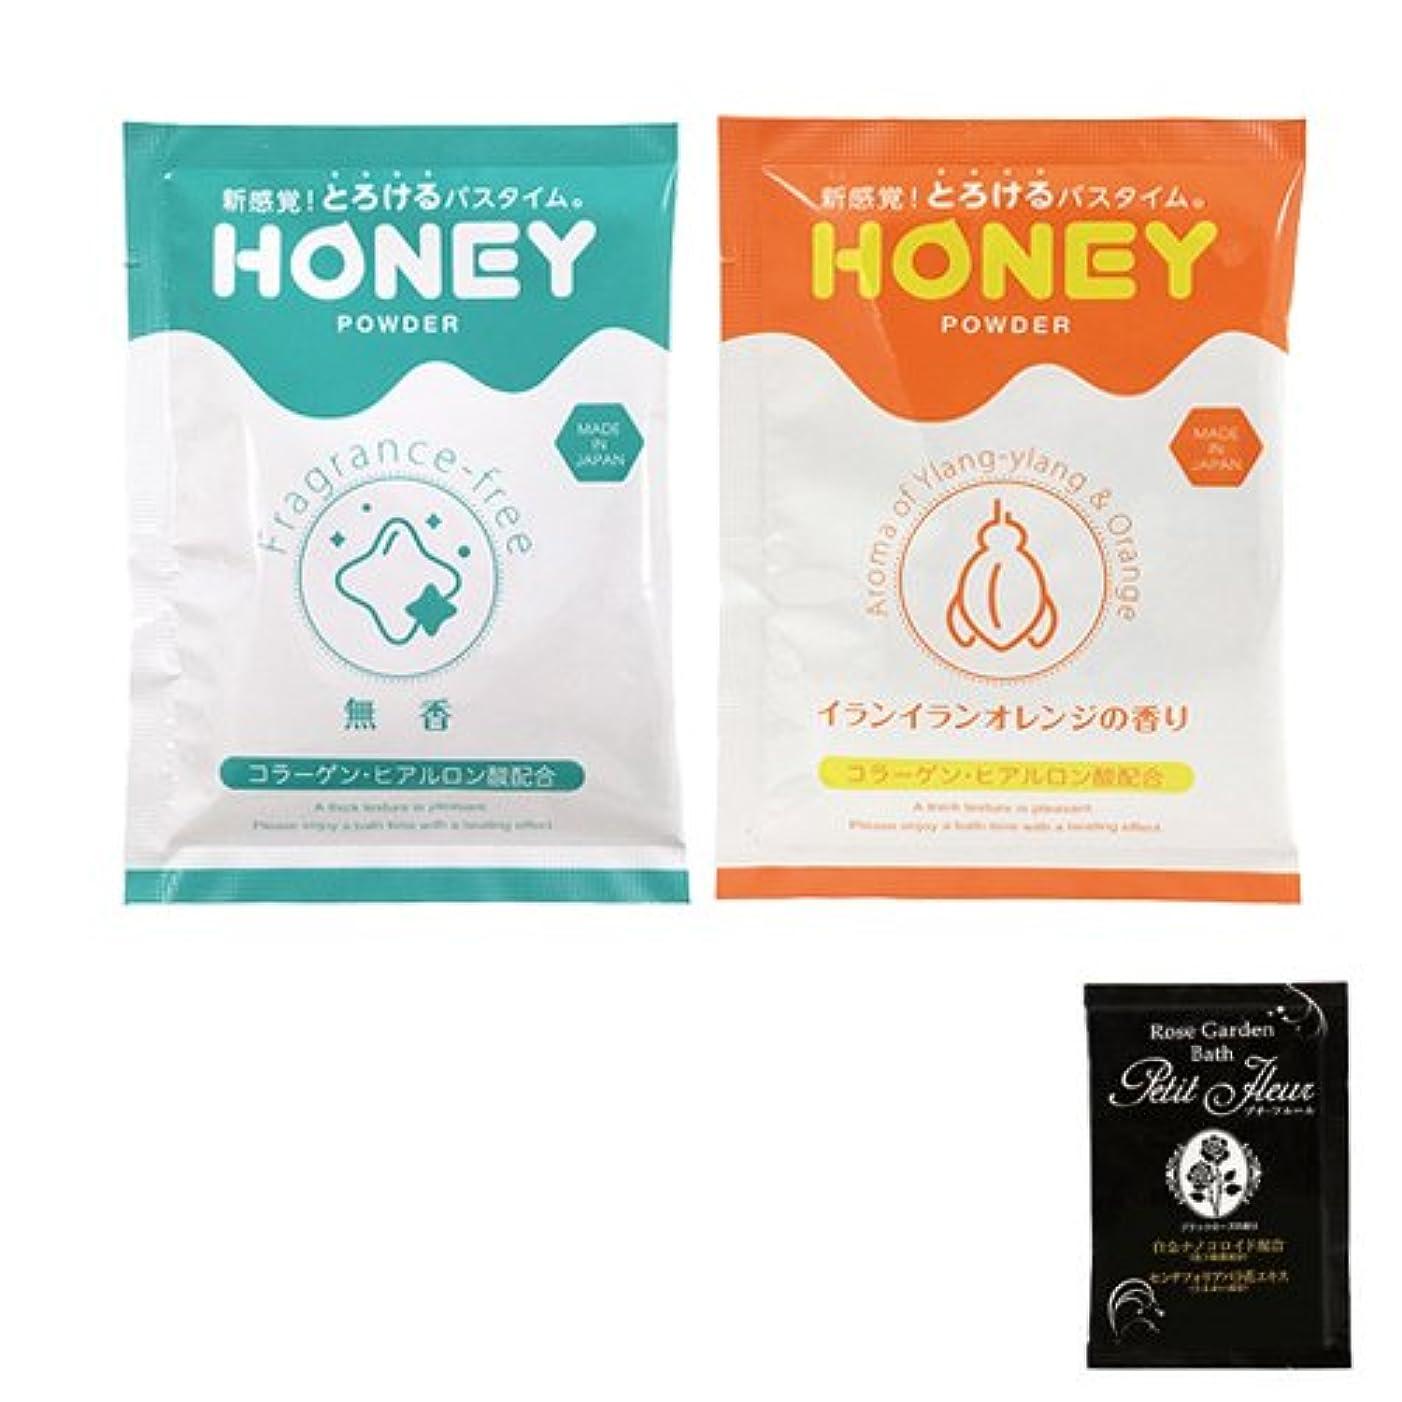 雨傭兵相対性理論とろとろ入浴剤【honey powder】粉末タイプ イランイランオレンジの香り + 無香 + 入浴剤(プチフルール)1回分